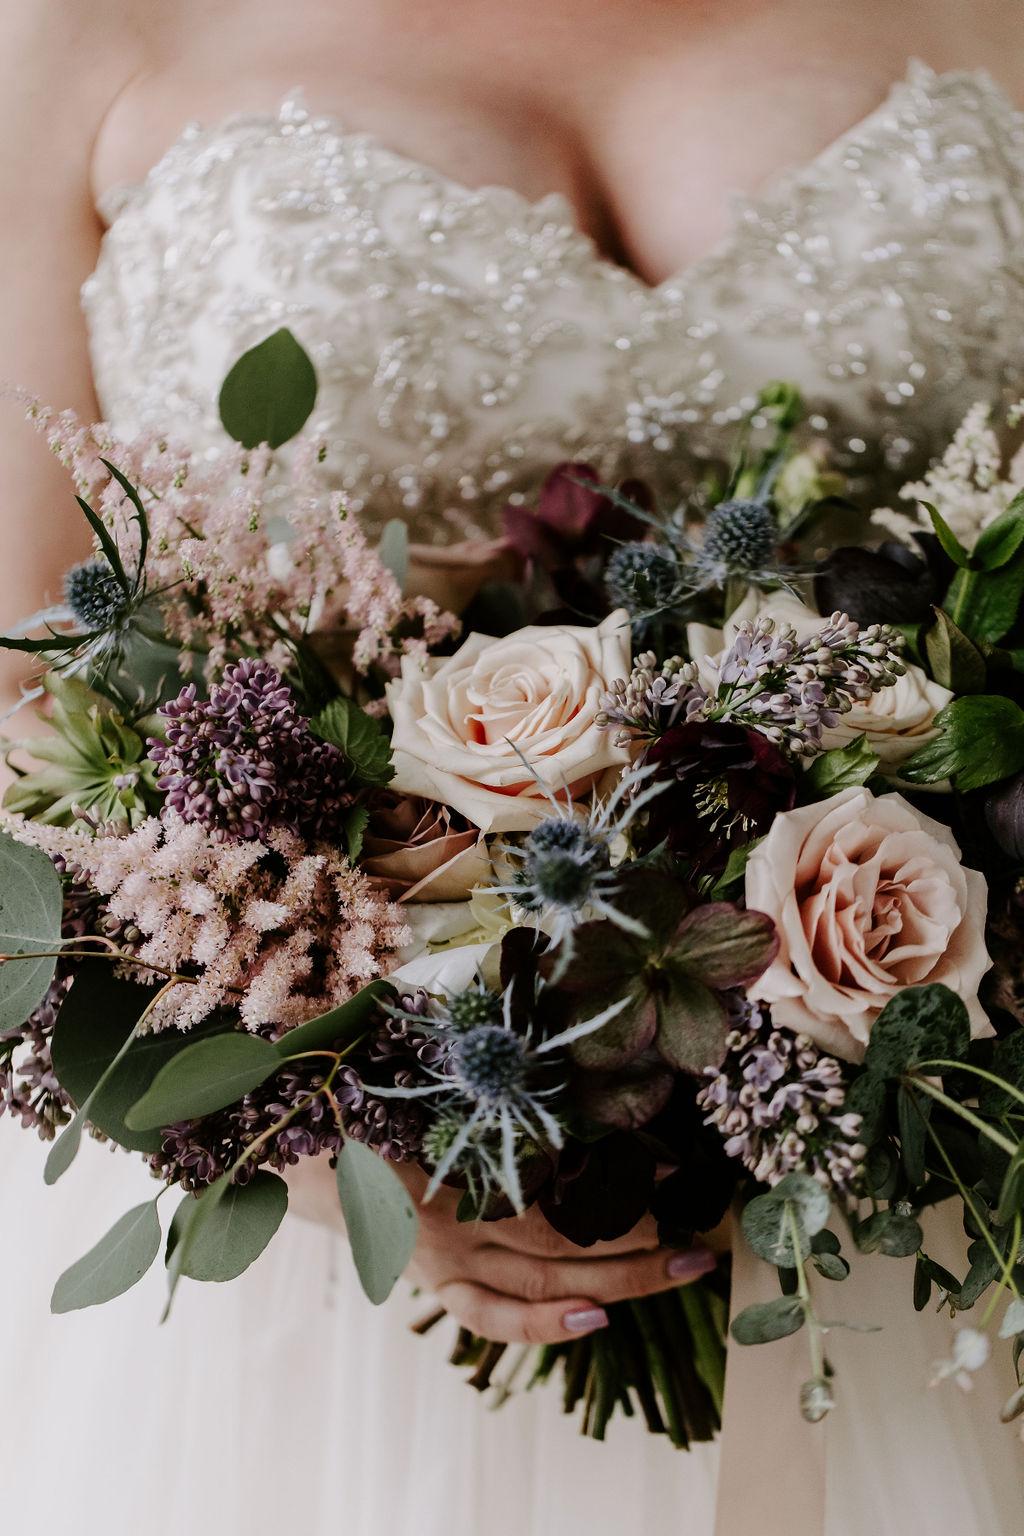 saybrook-point-inn-and-spa-wedding-flowers-6